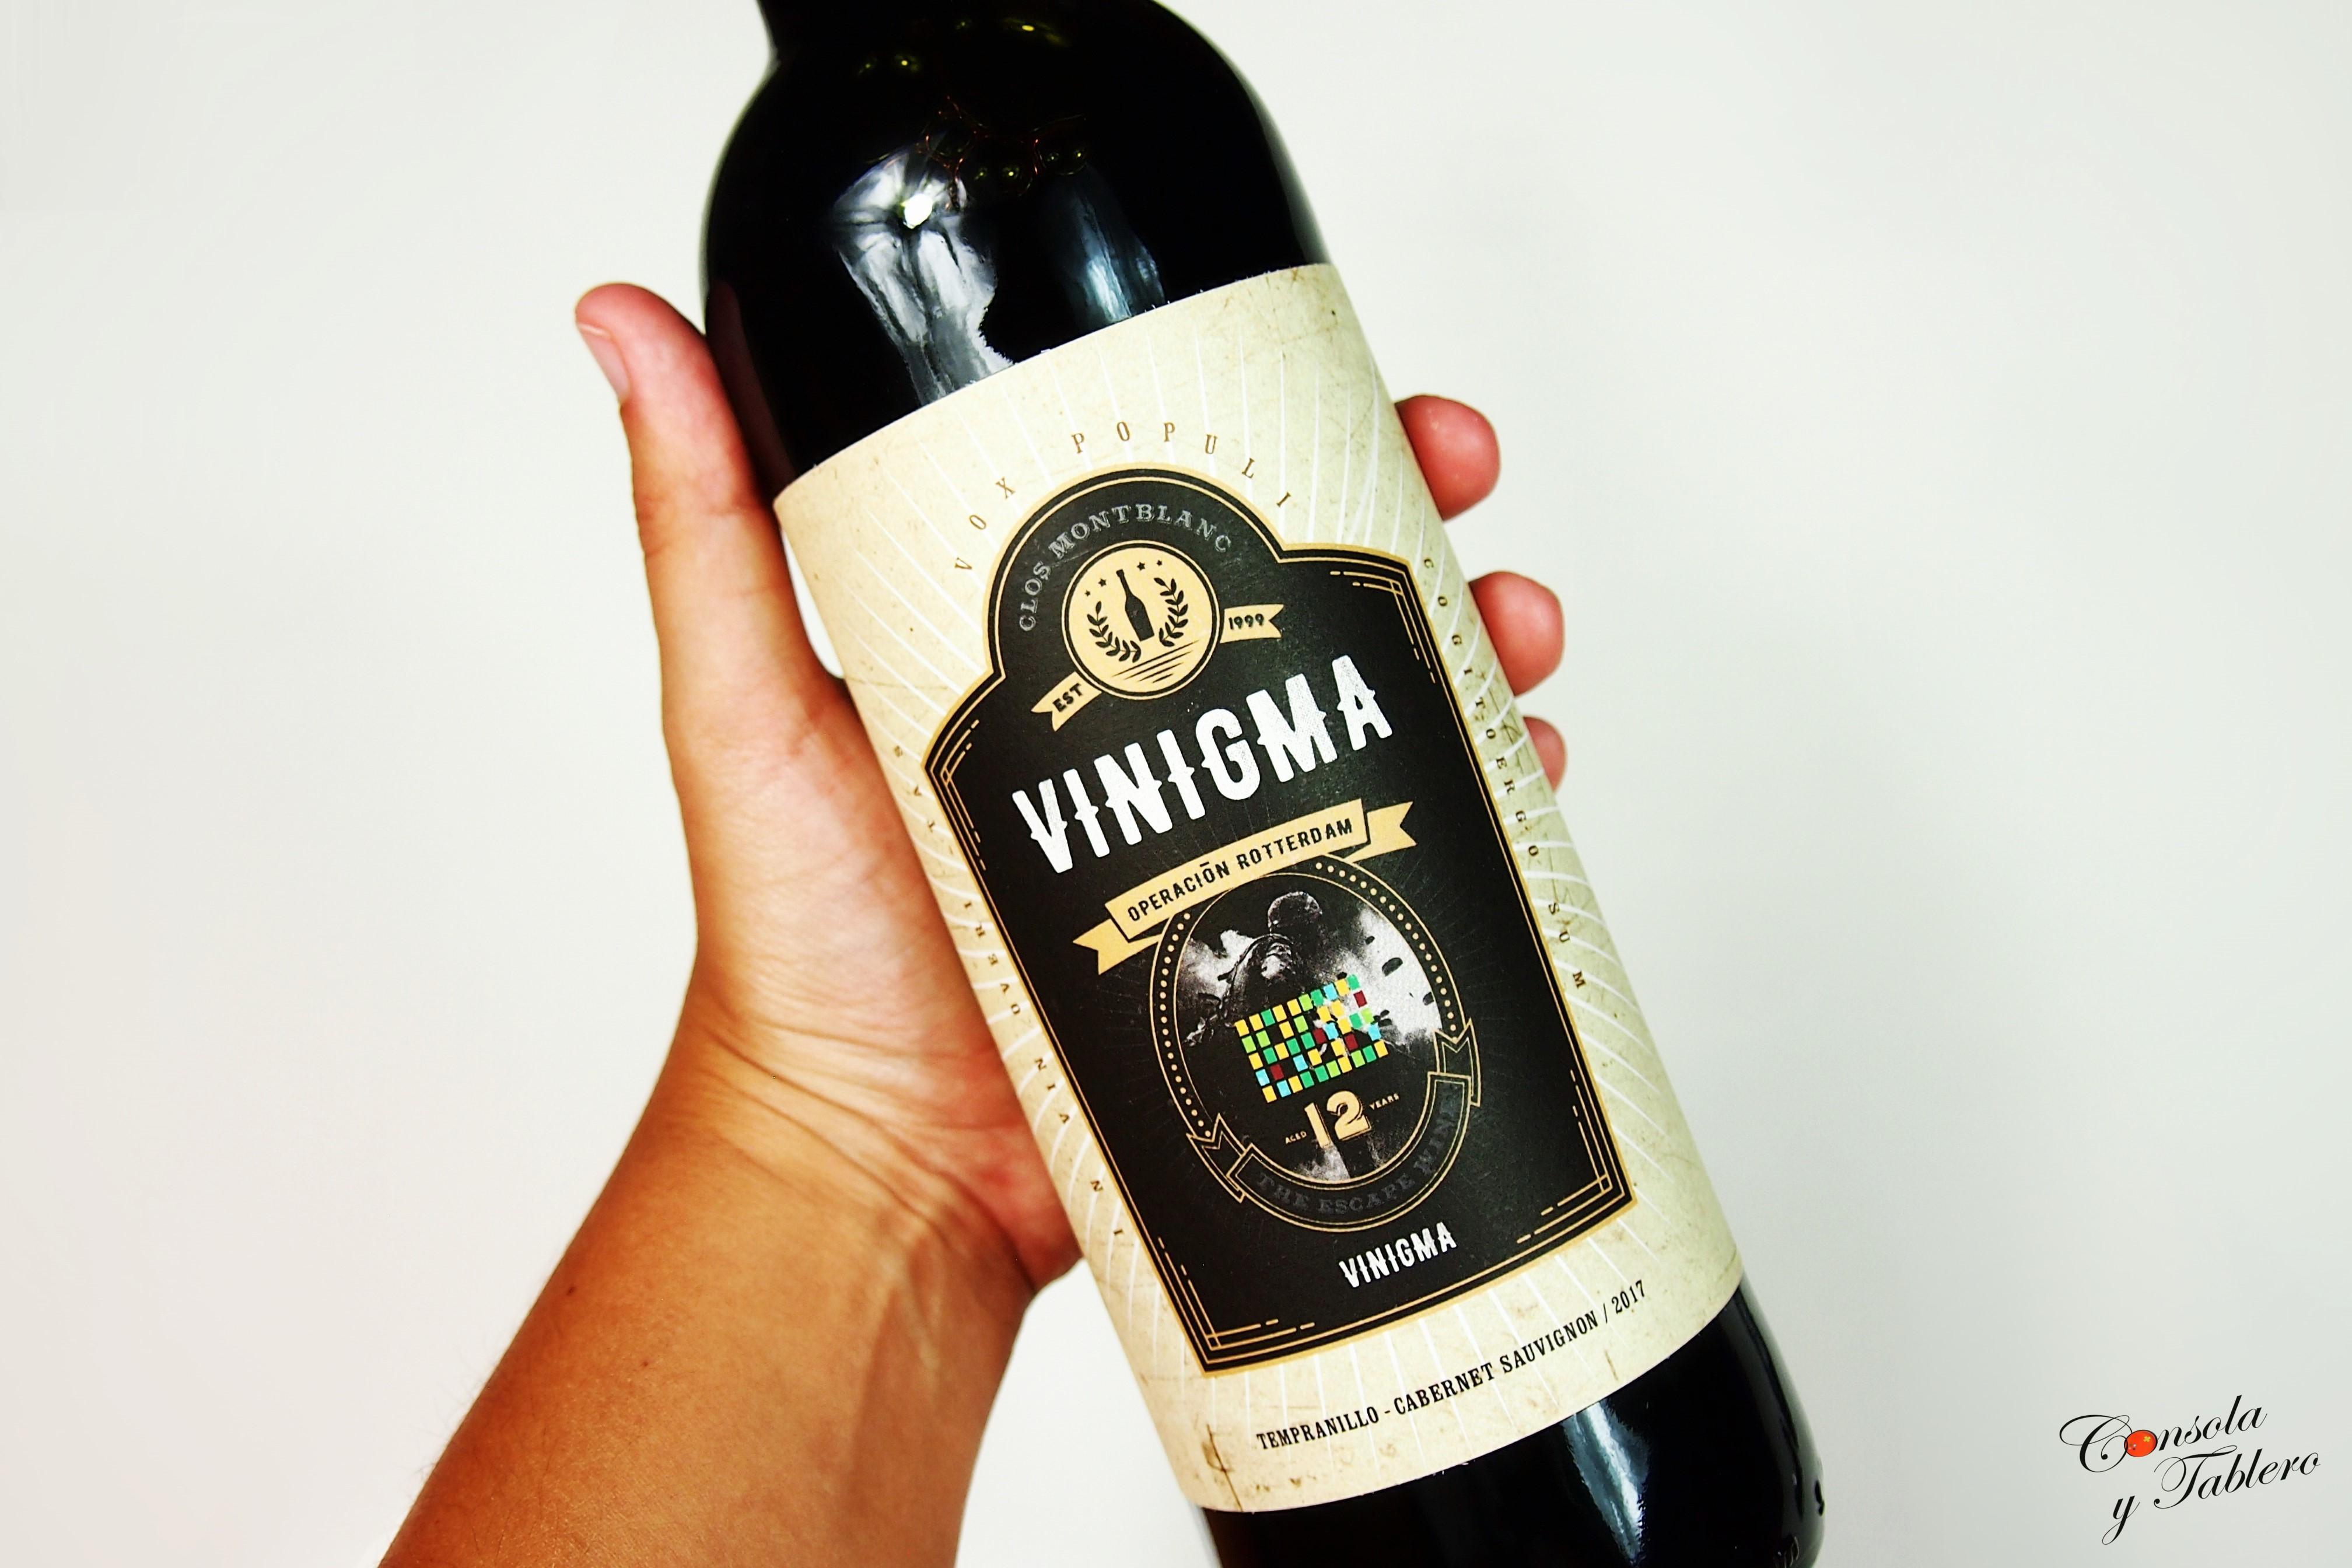 Vinigma